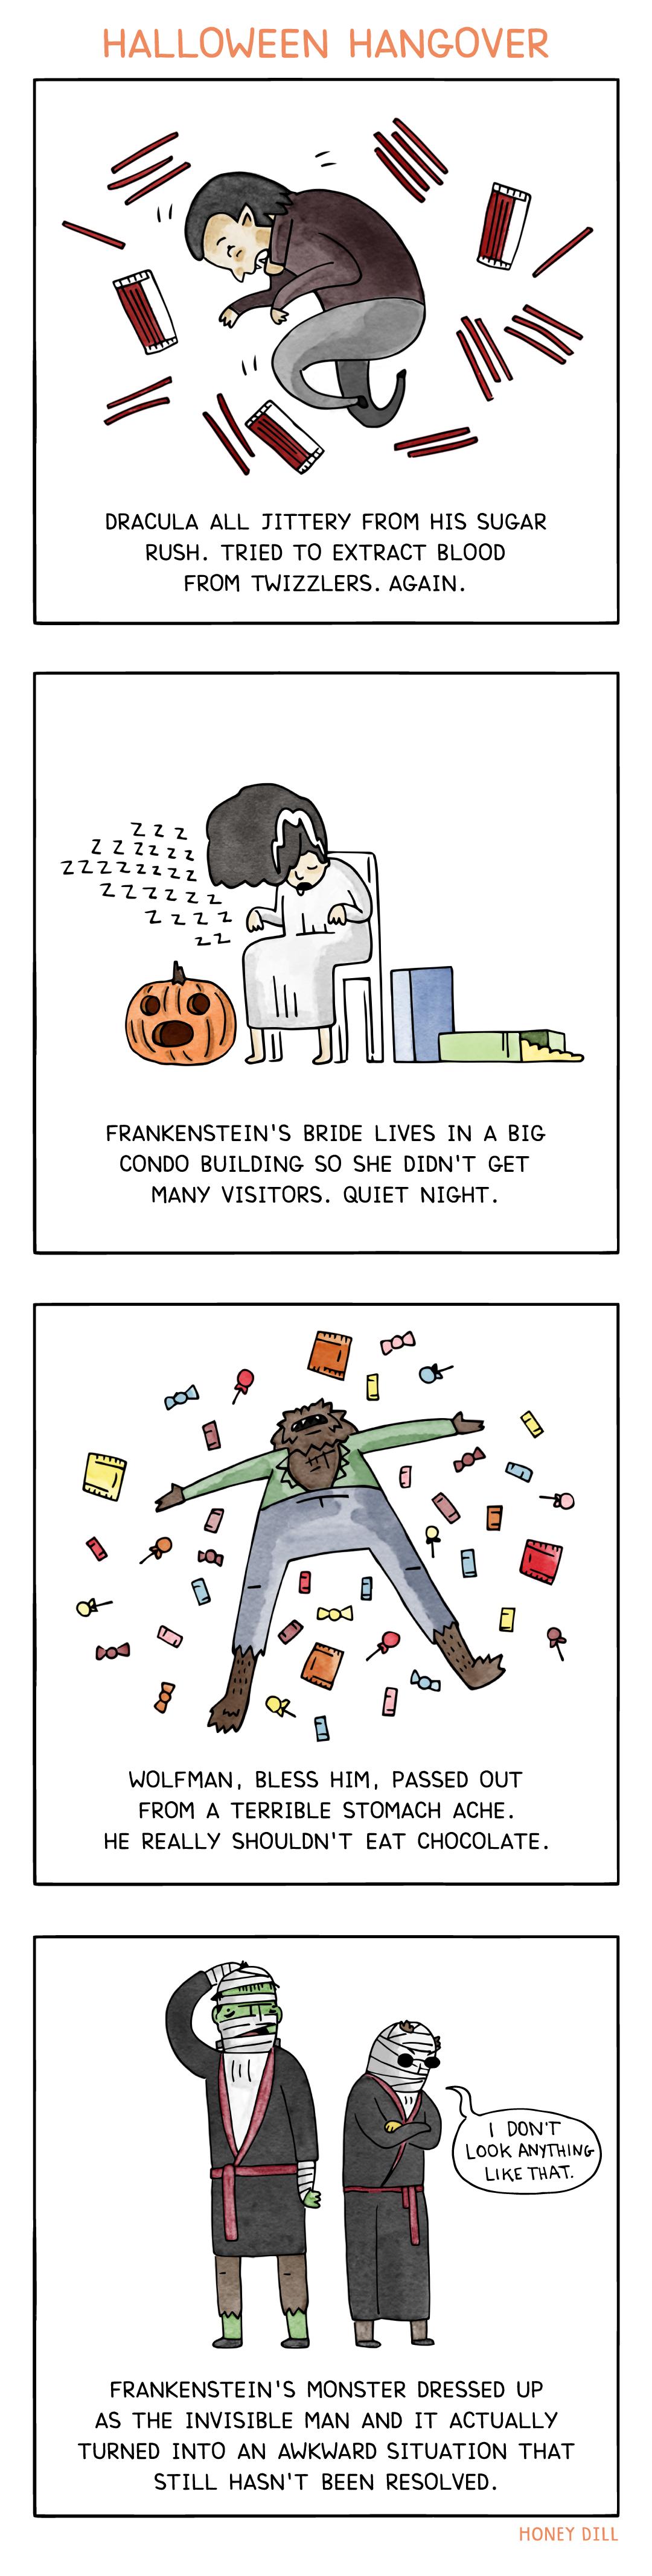 halloweenhangover-1080.png